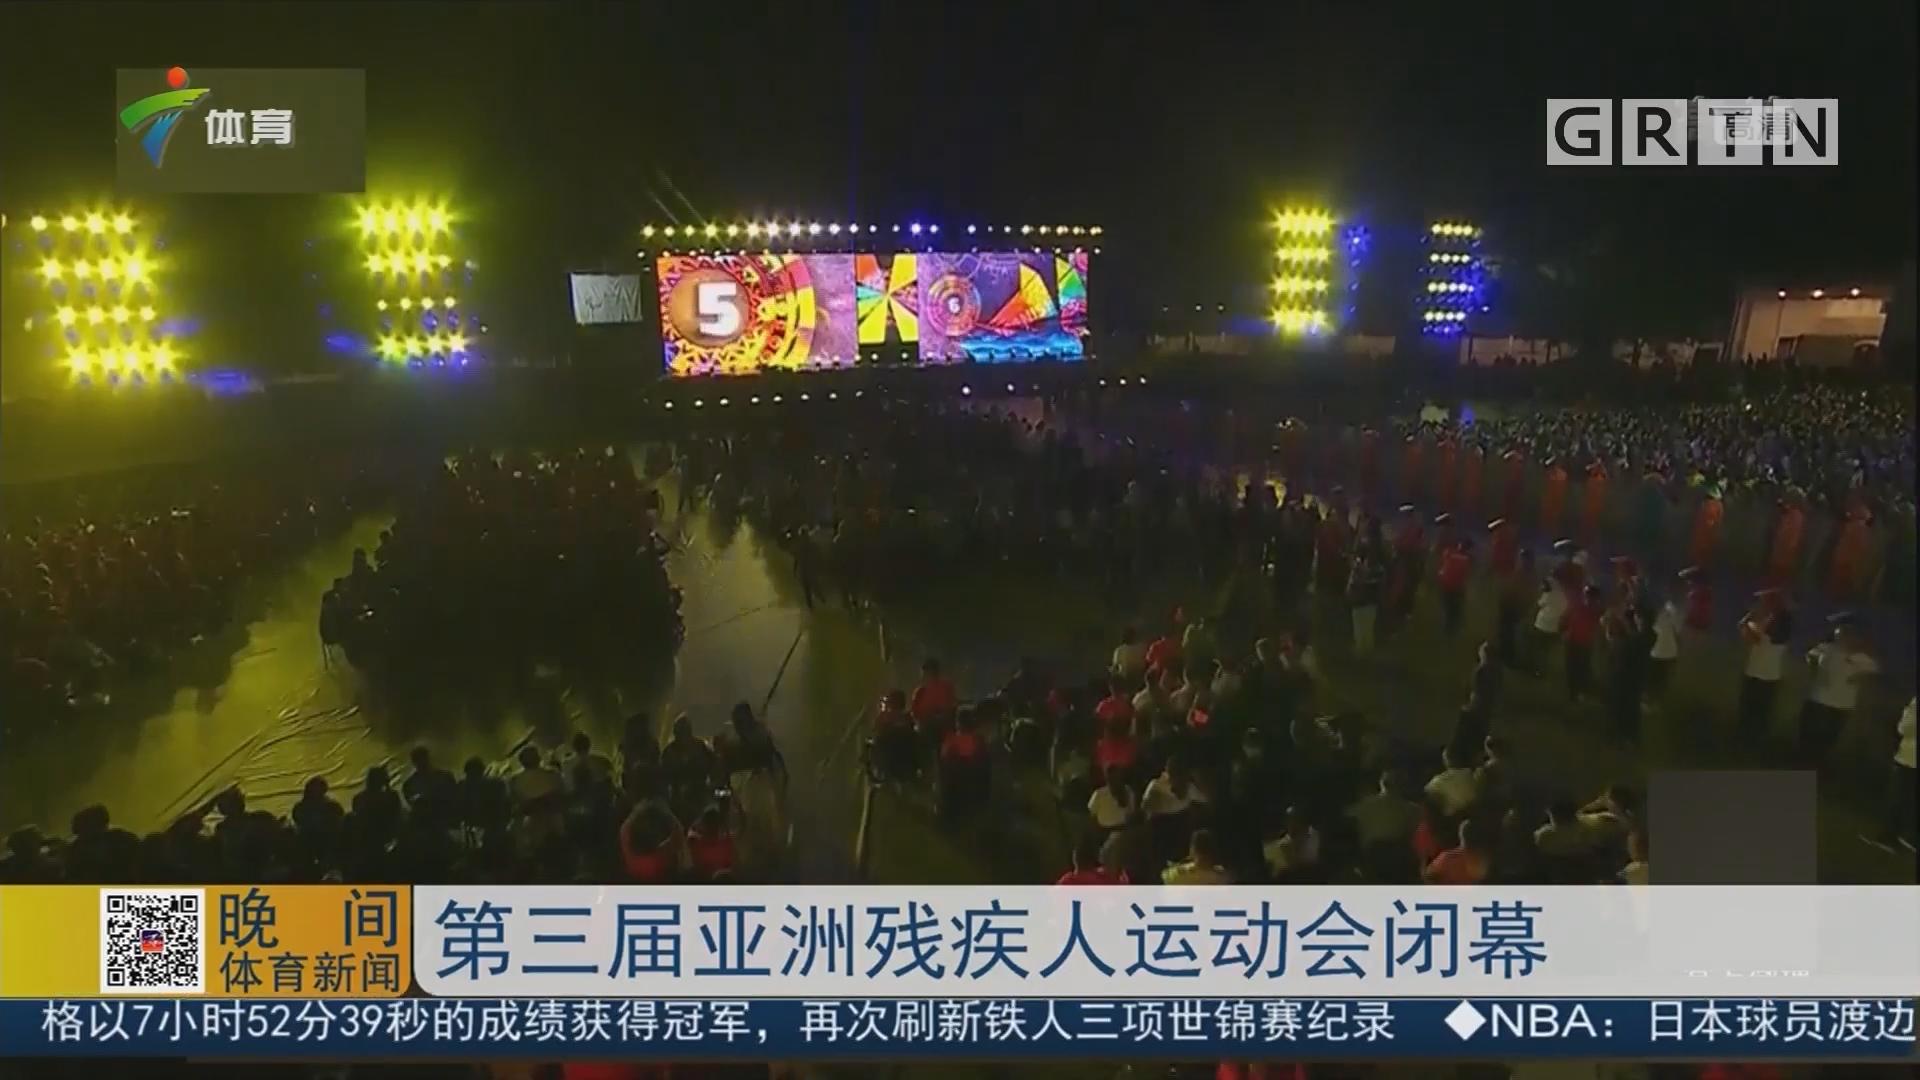 第三届亚洲残疾人运动会闭幕